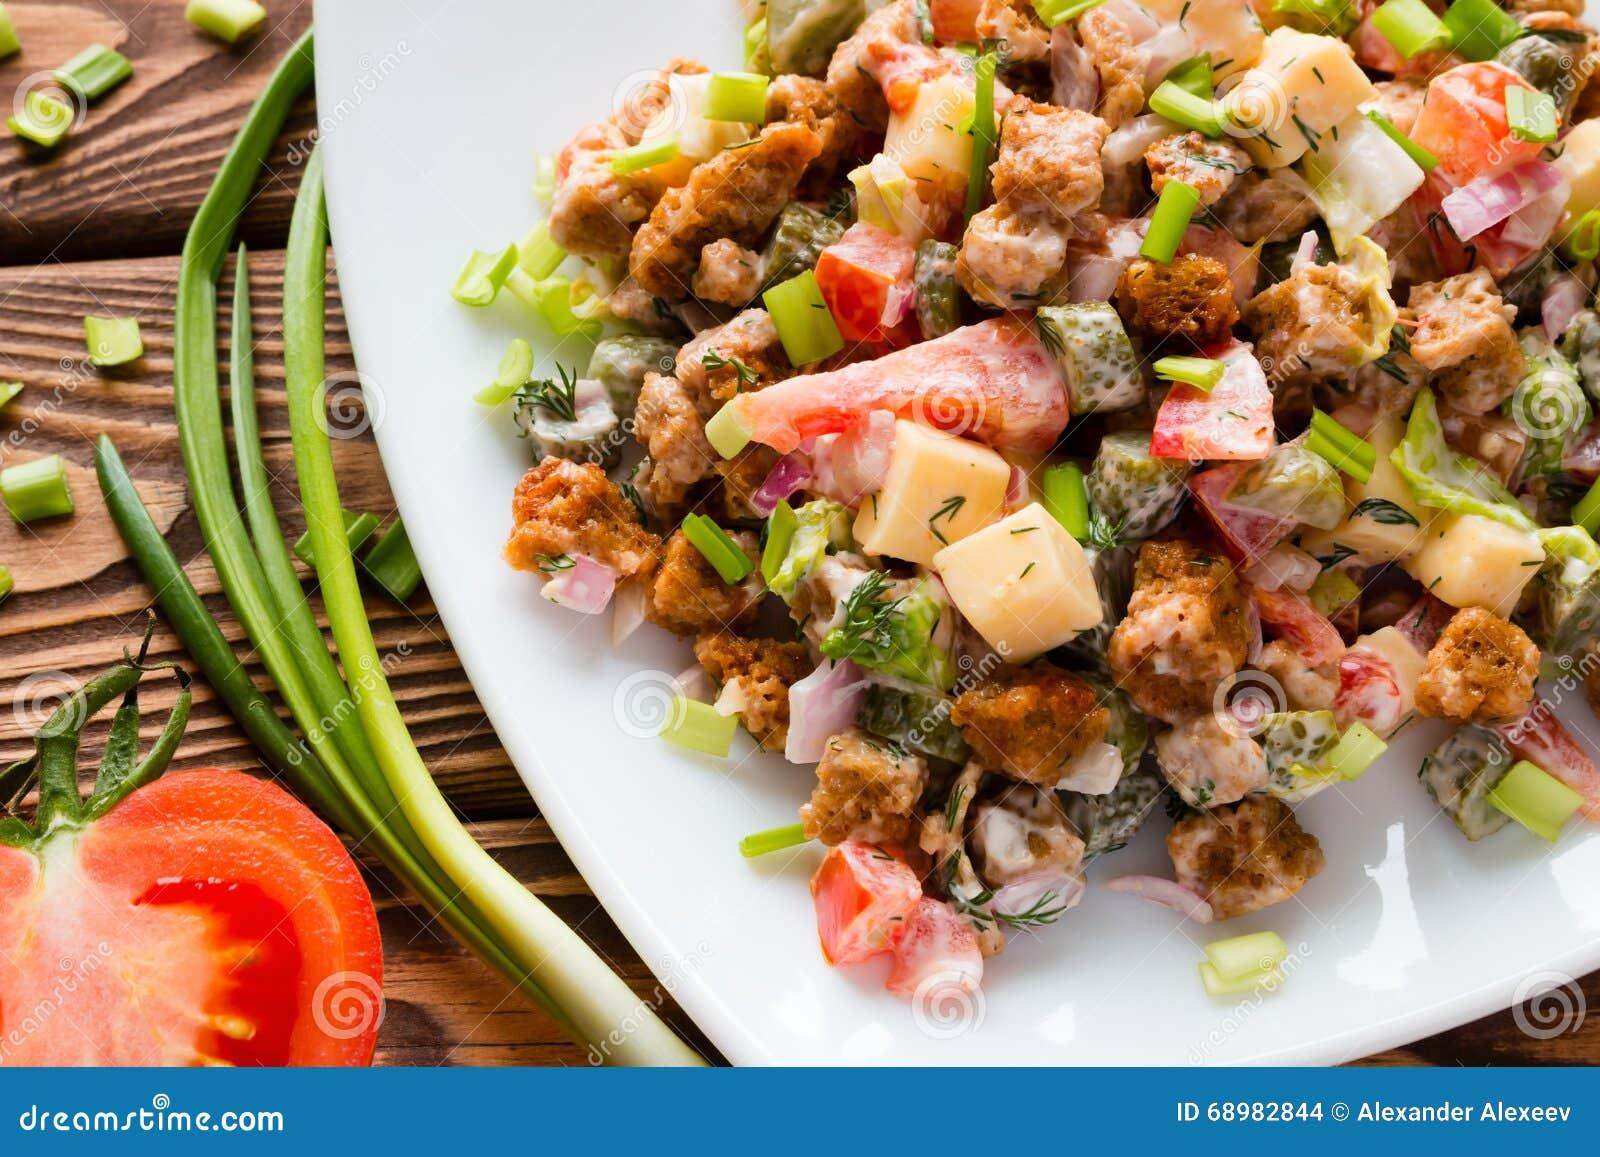 Σαλάτα με τη μαγιονέζα κοντά στα πράσινα κρεμμύδια και μισή ντομάτα